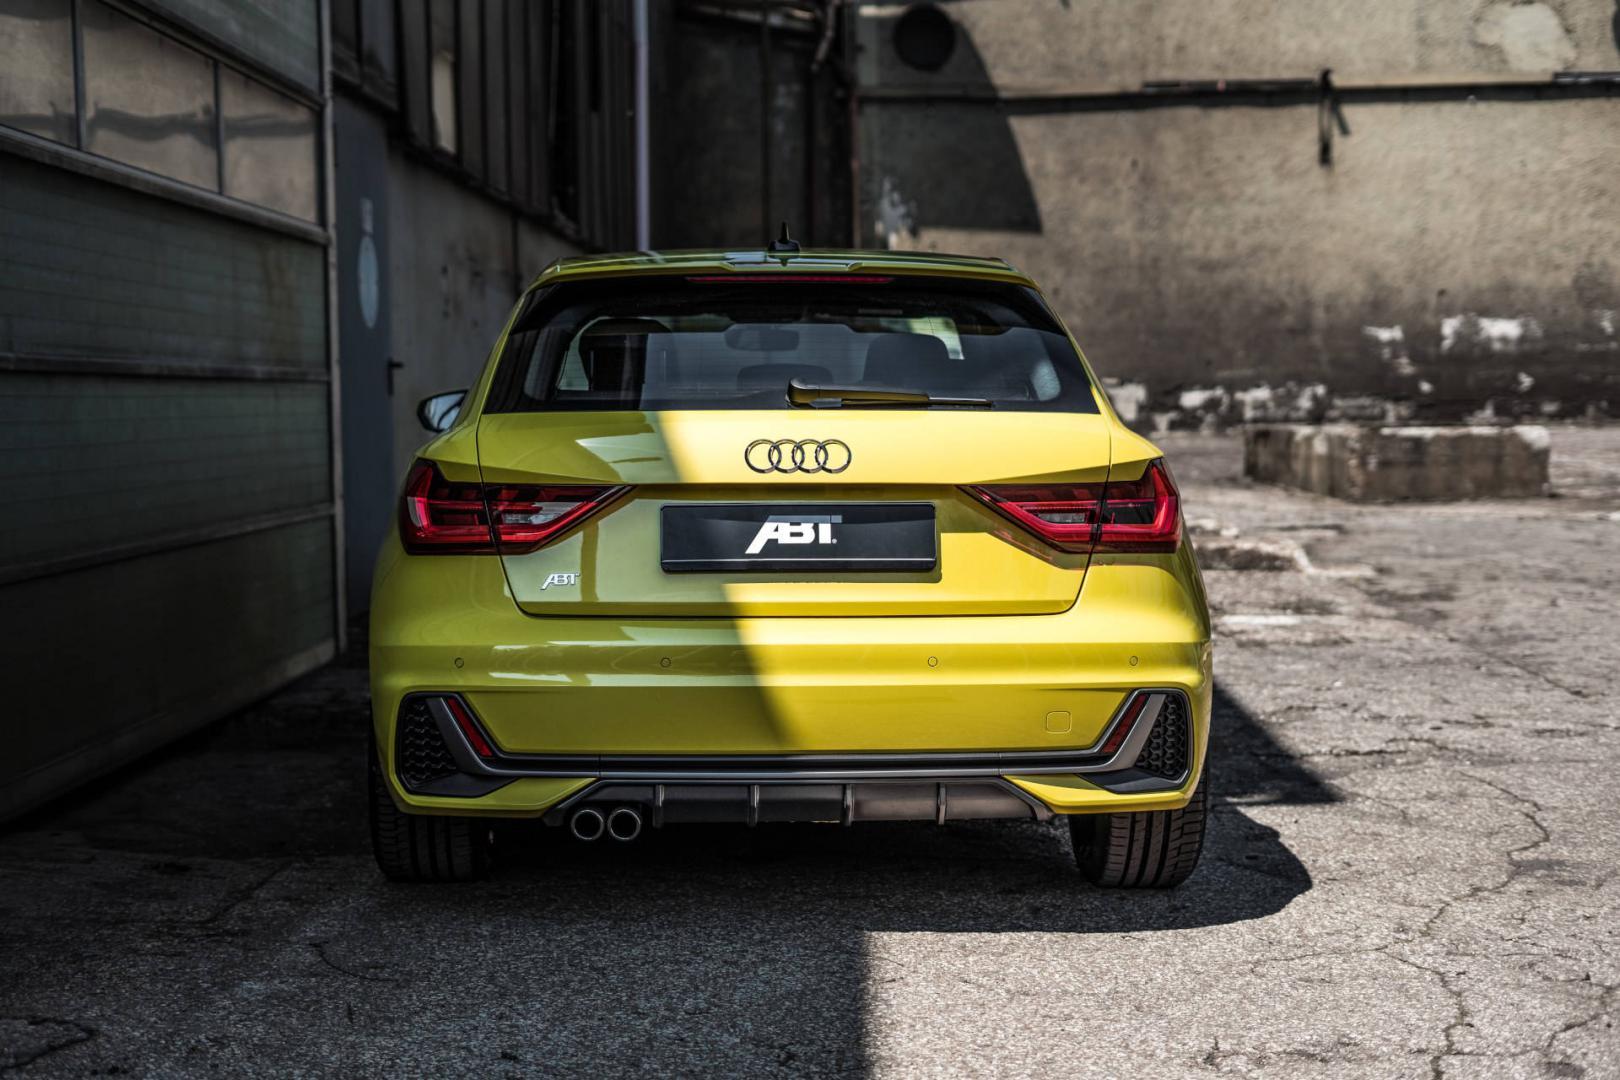 Abt Audi A1 240 pk